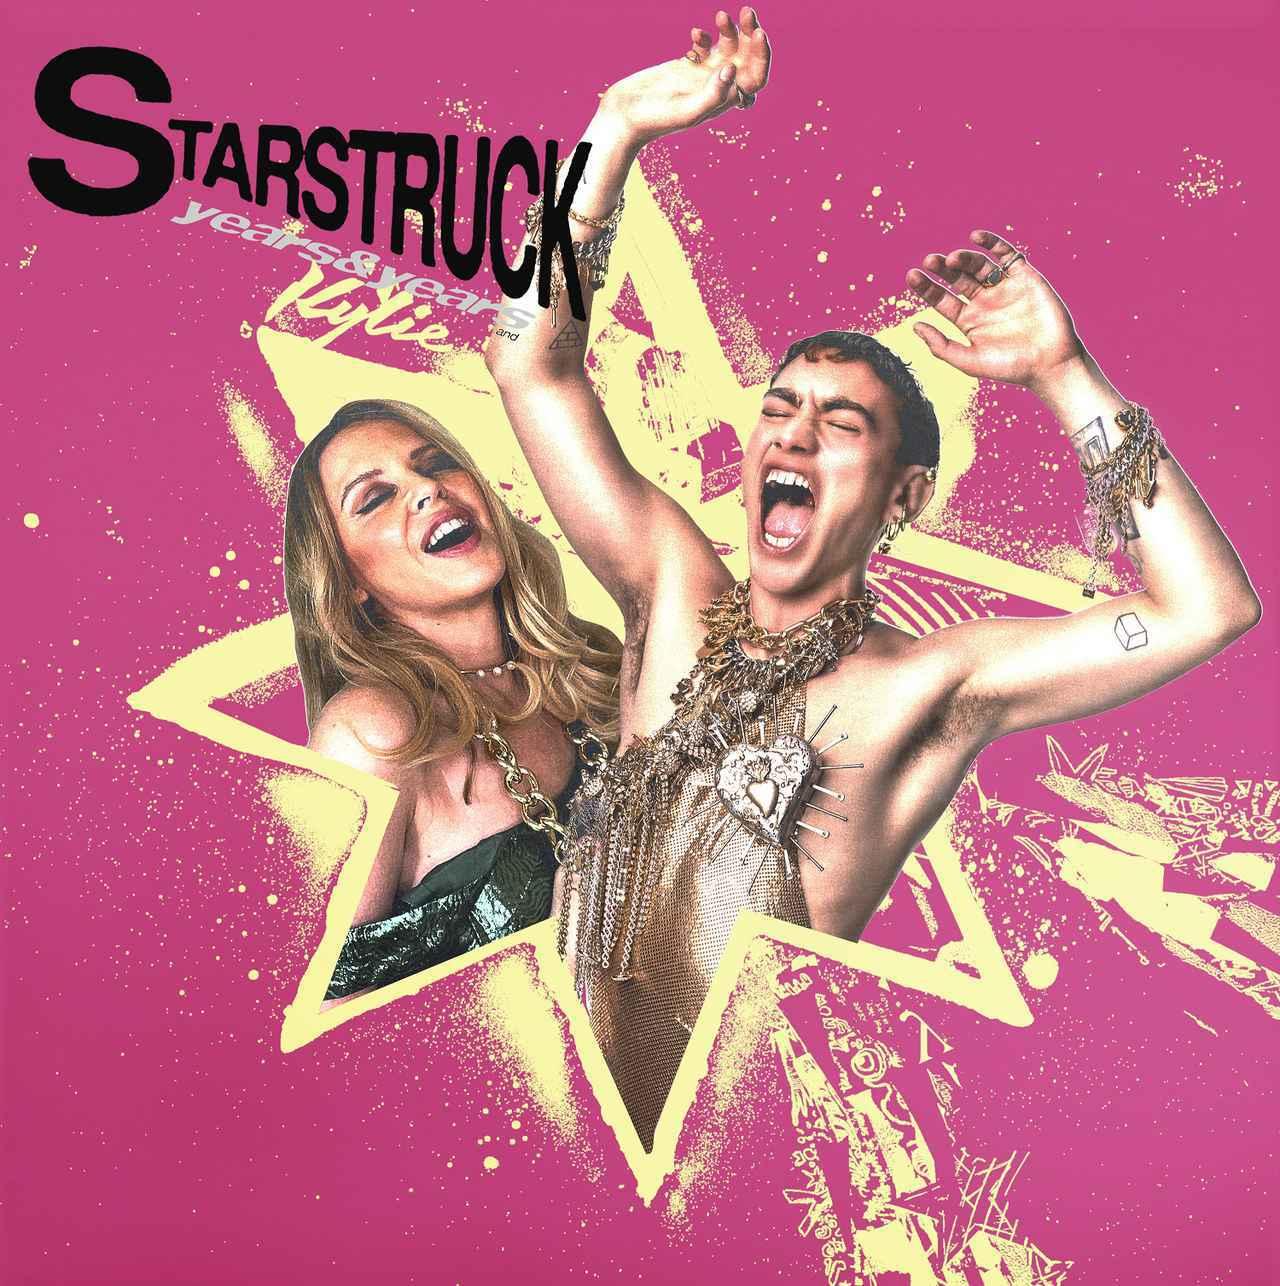 画像2: 最後に、あなたに魅了された(Starstruck)日本のファンにメッセージをお願いします!